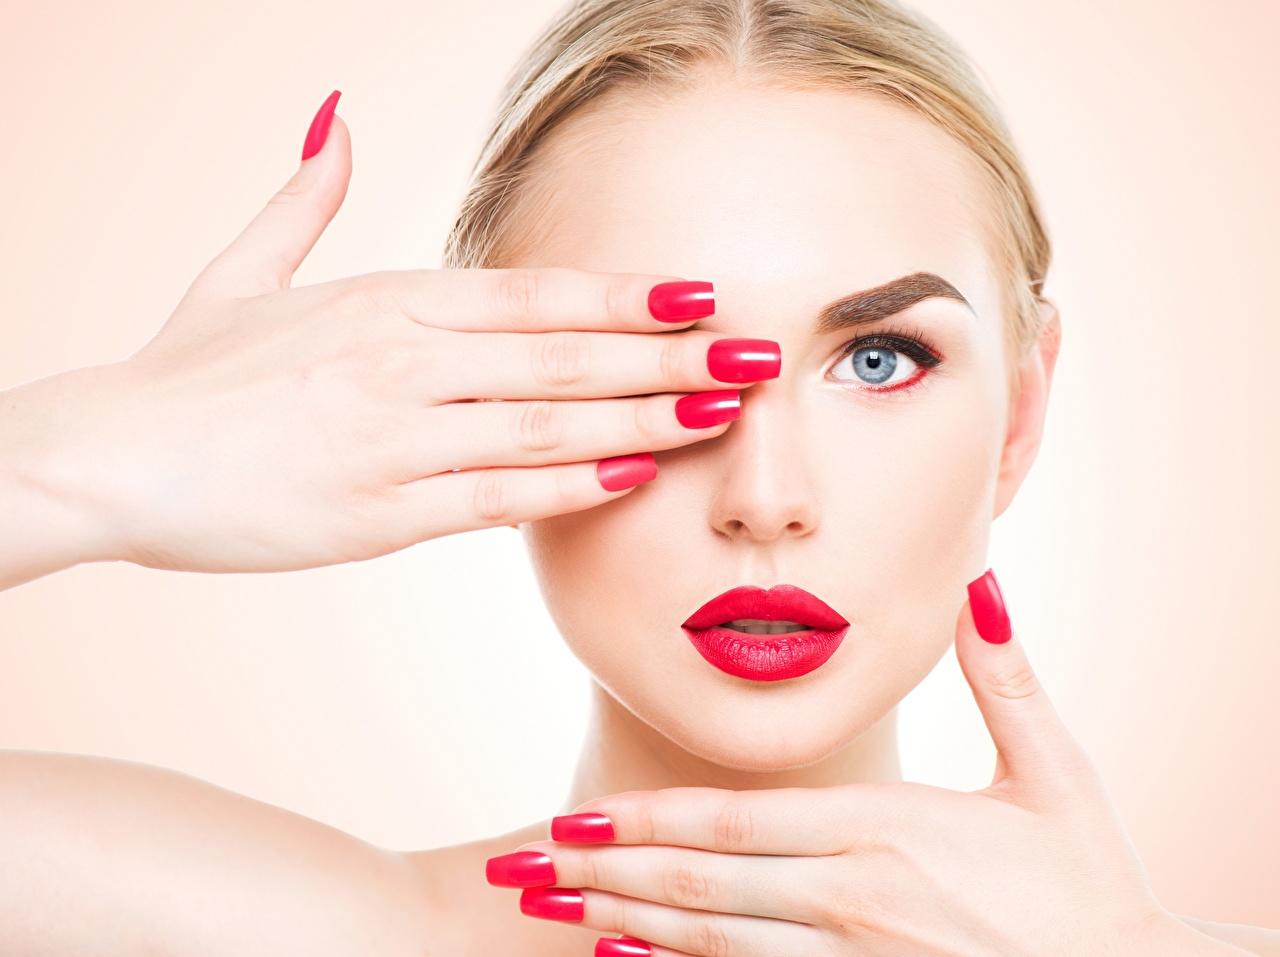 Картинка Глаза блондинок Маникюр лица девушка Руки Пальцы смотрит Красные губы Цветной фон Блондинка блондинки маникюра Лицо Девушки молодые женщины молодая женщина рука Взгляд смотрят красными губами